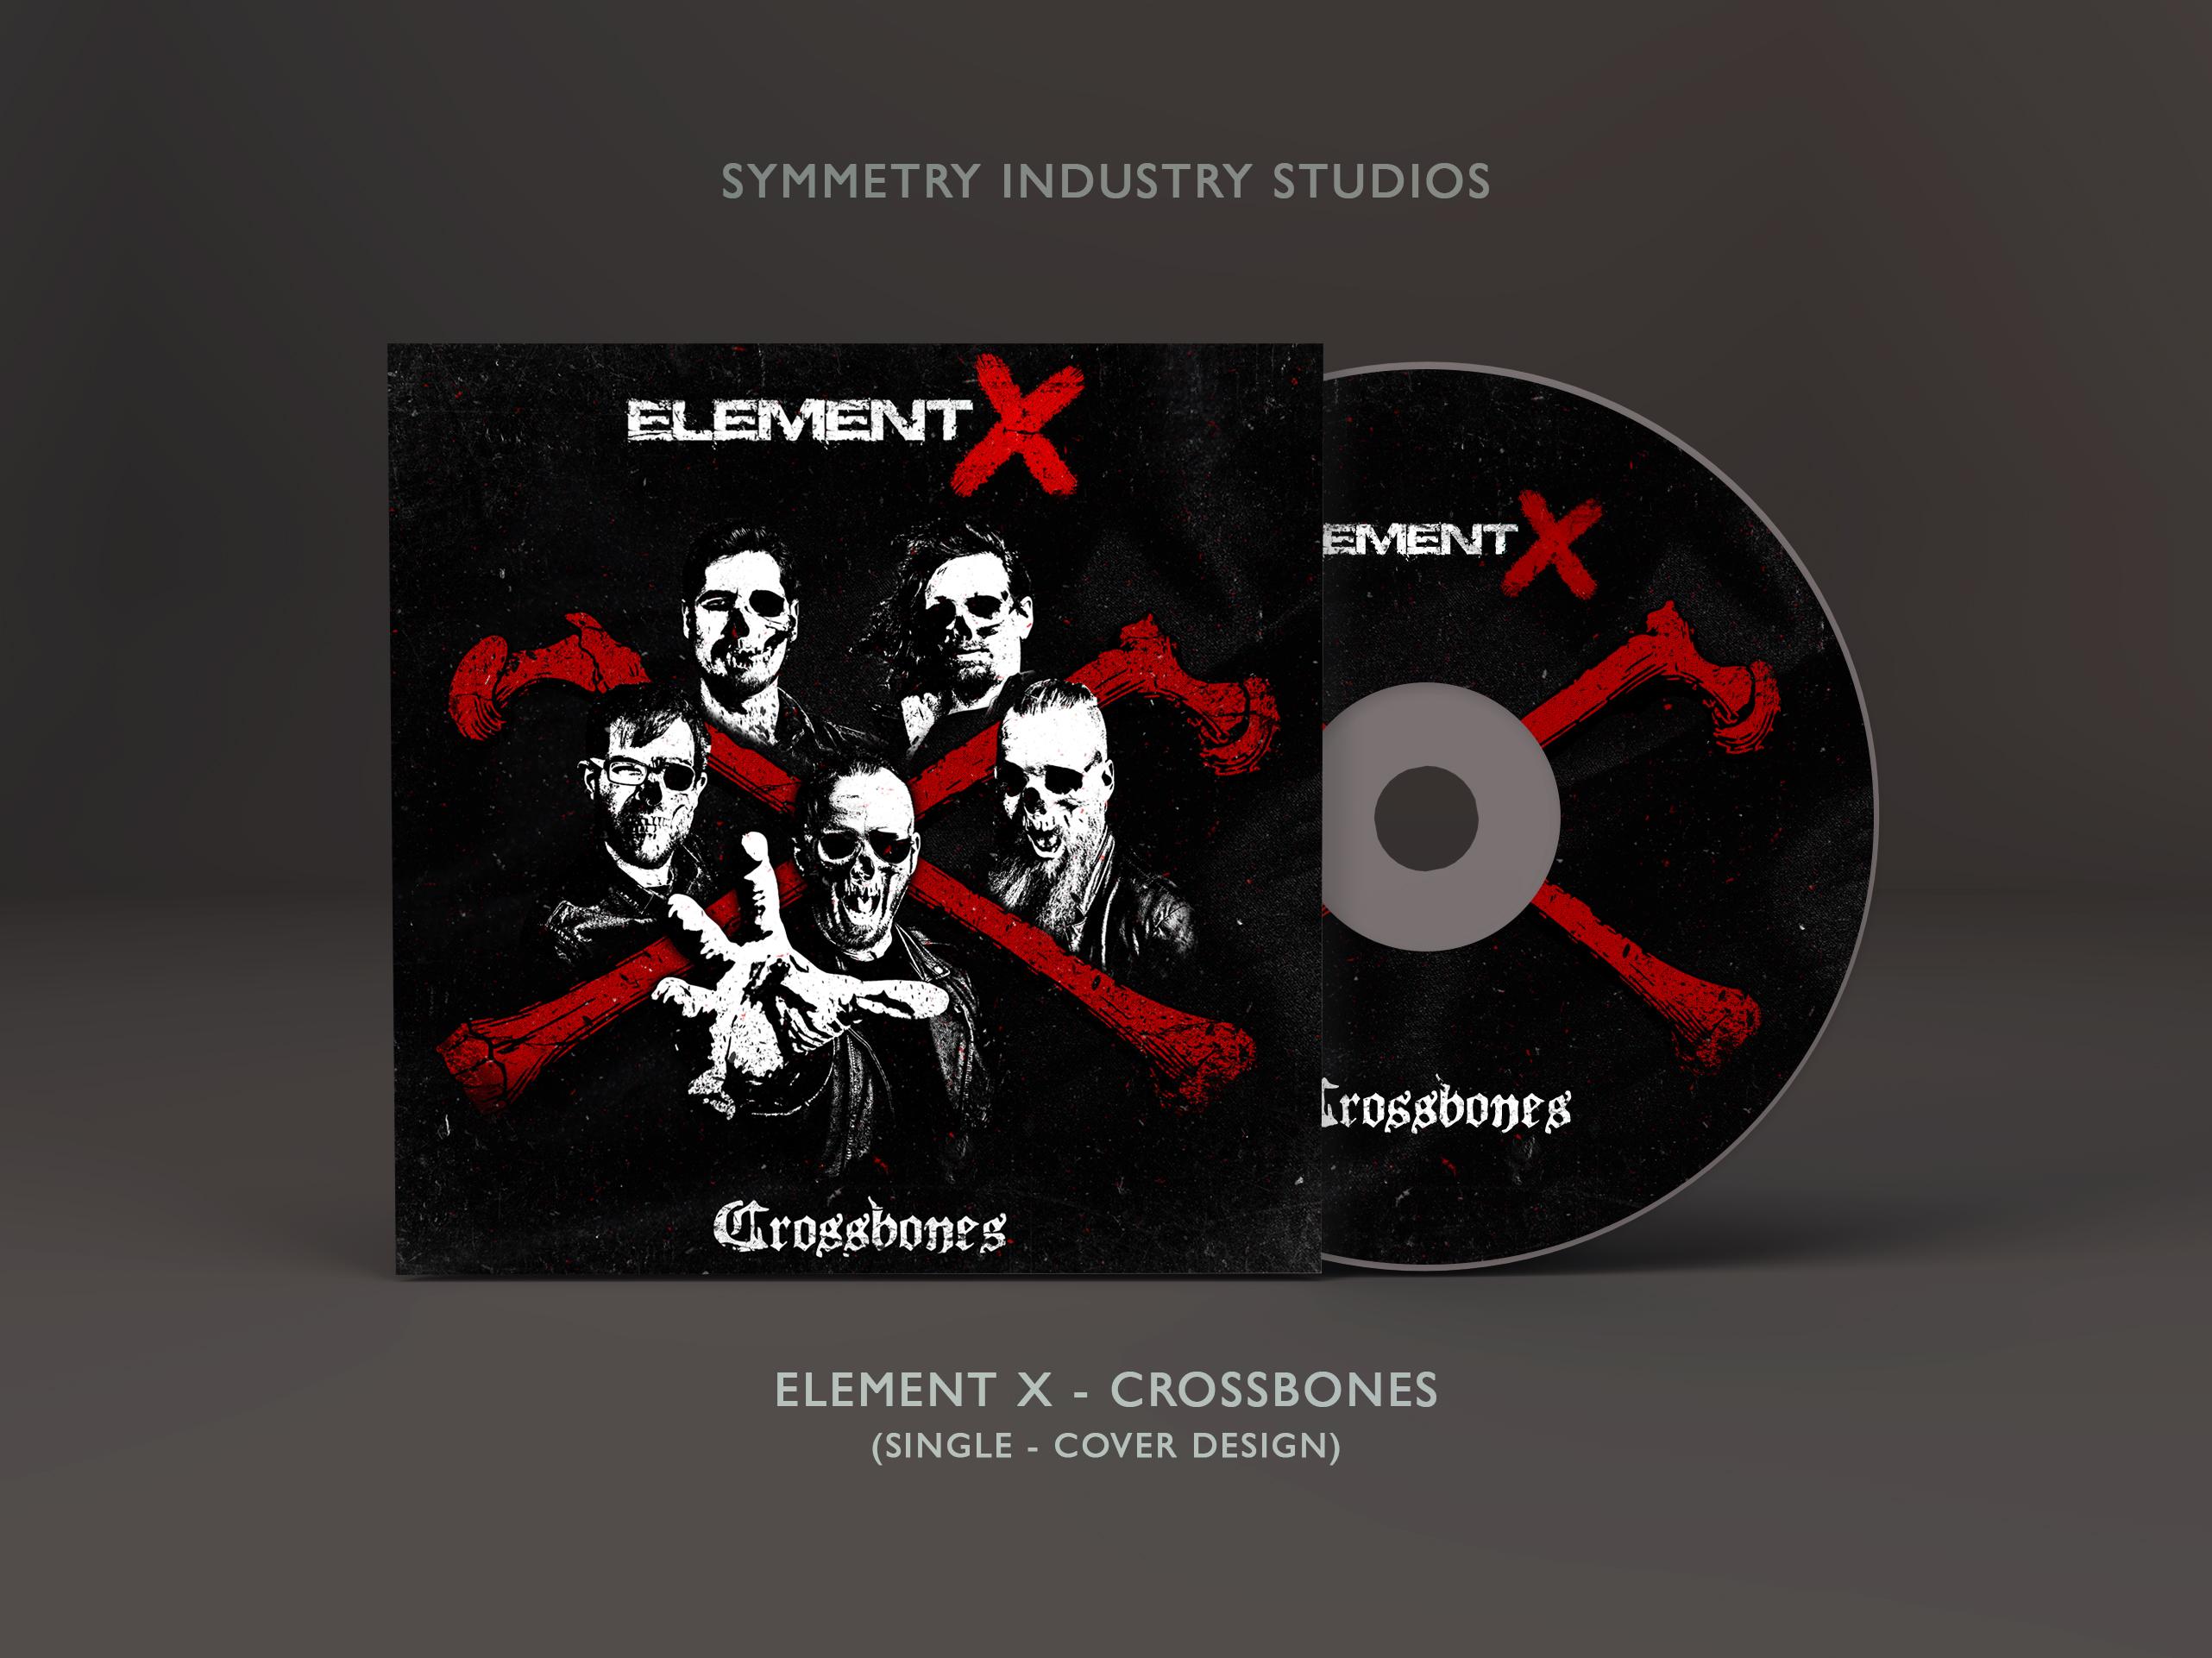 Element X - Crossbones (Mockup)